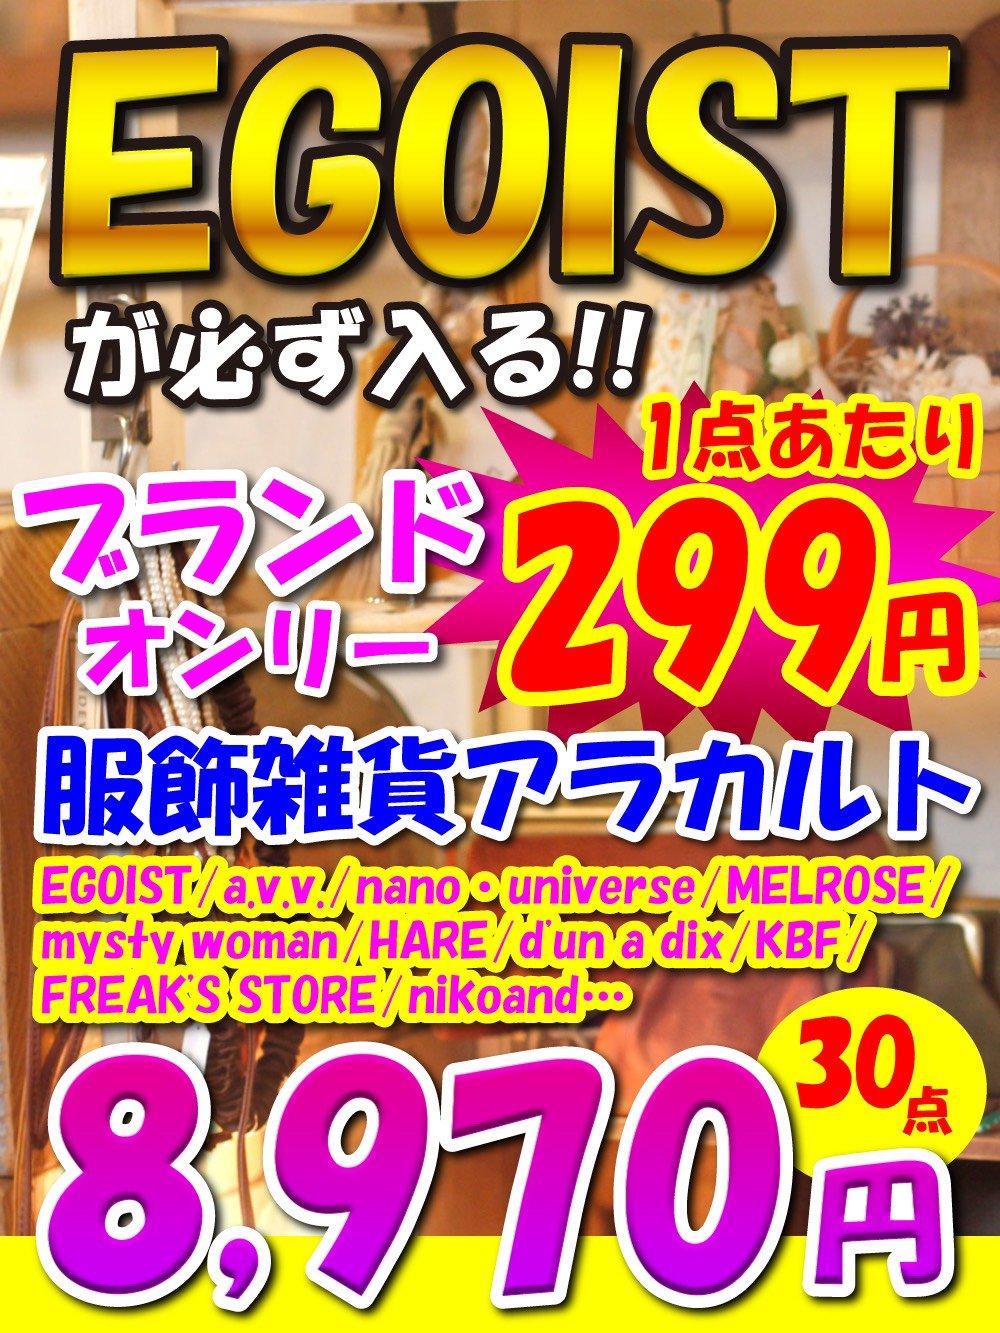 【EGOISTが必ず入る】【ブランドオンリー】服飾雑貨アラカルト30点@299